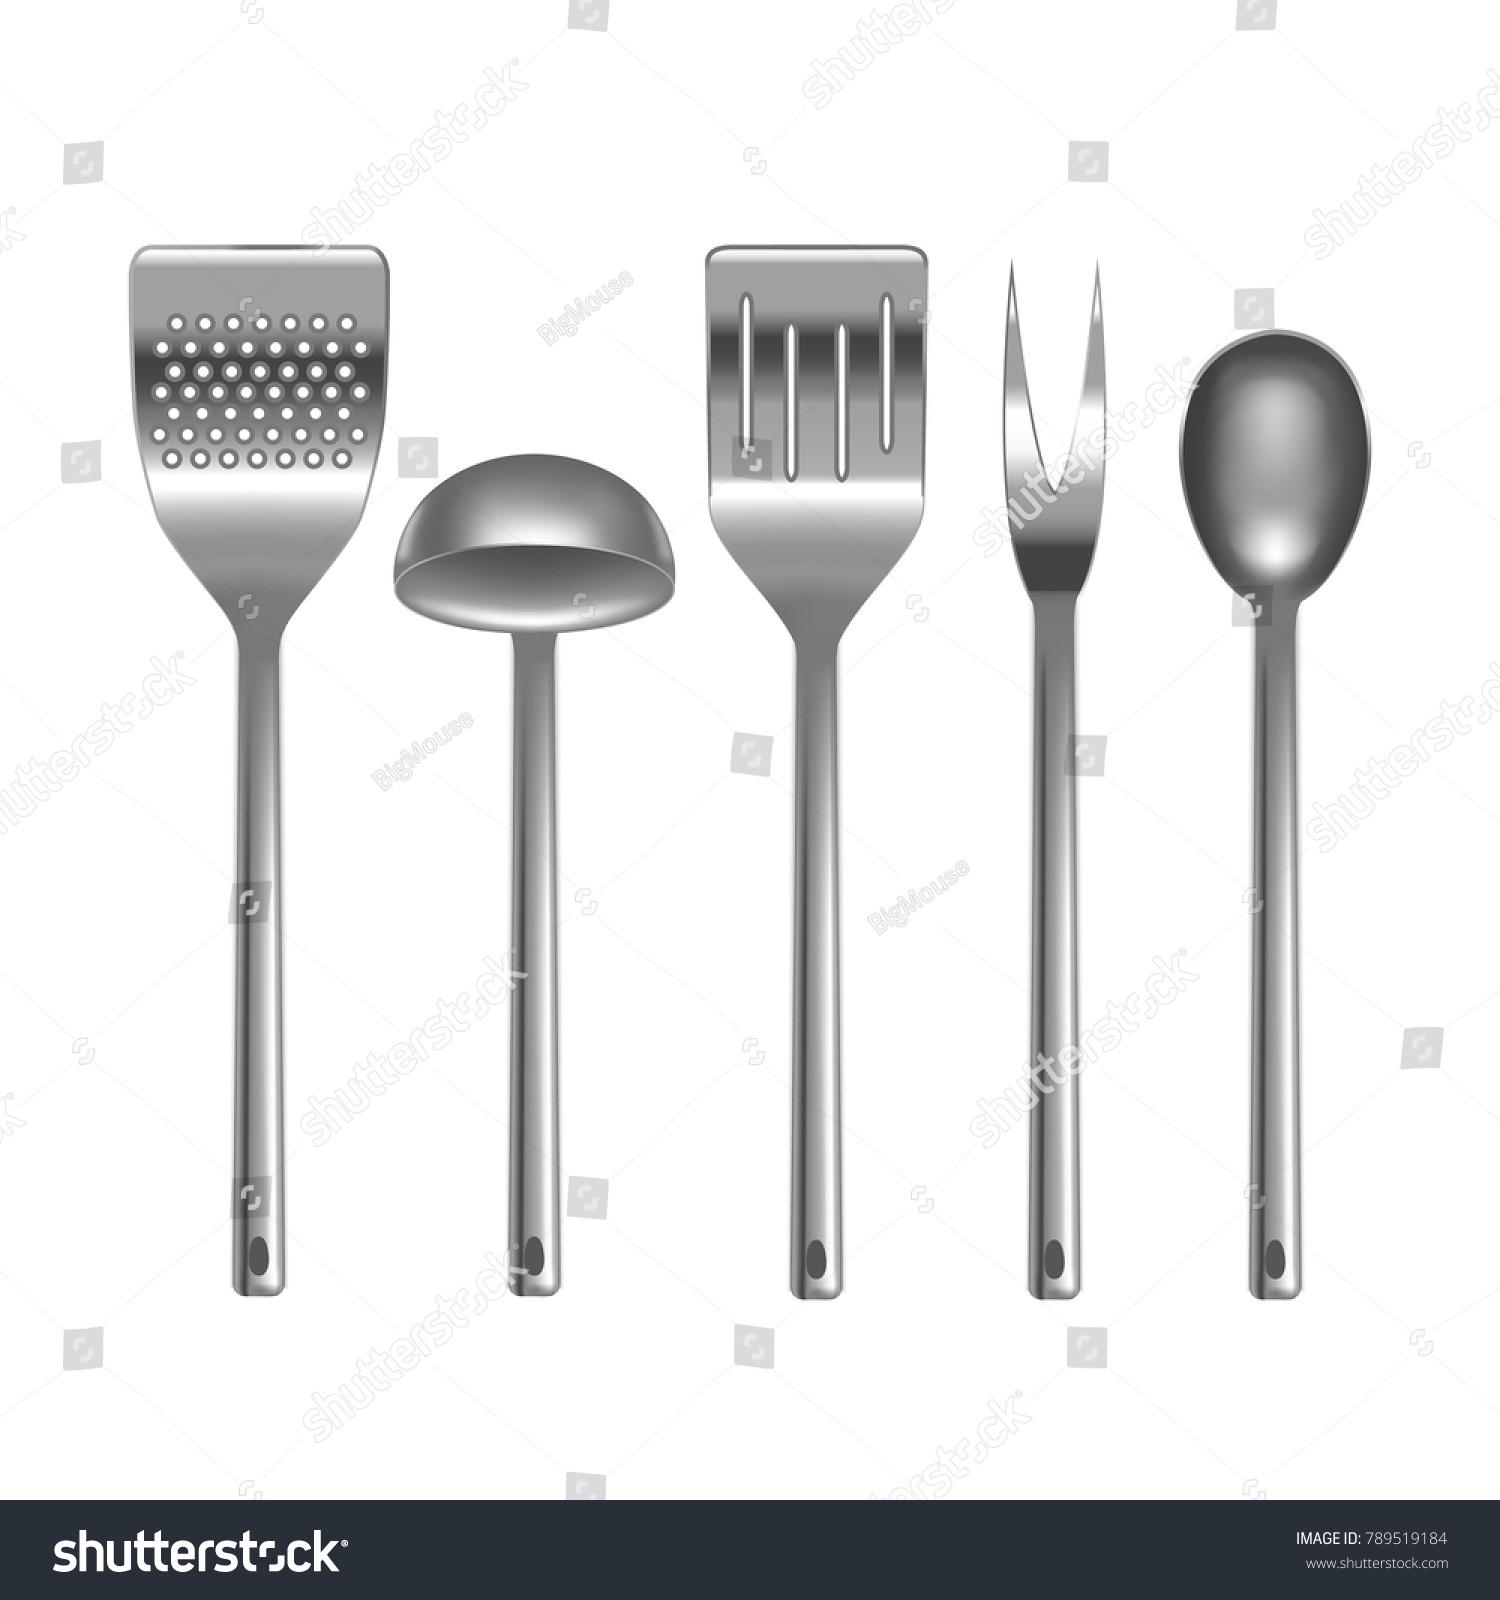 Realistic 3 D Metal Kitchen Utensils Set Stock Vector 789519184 ...